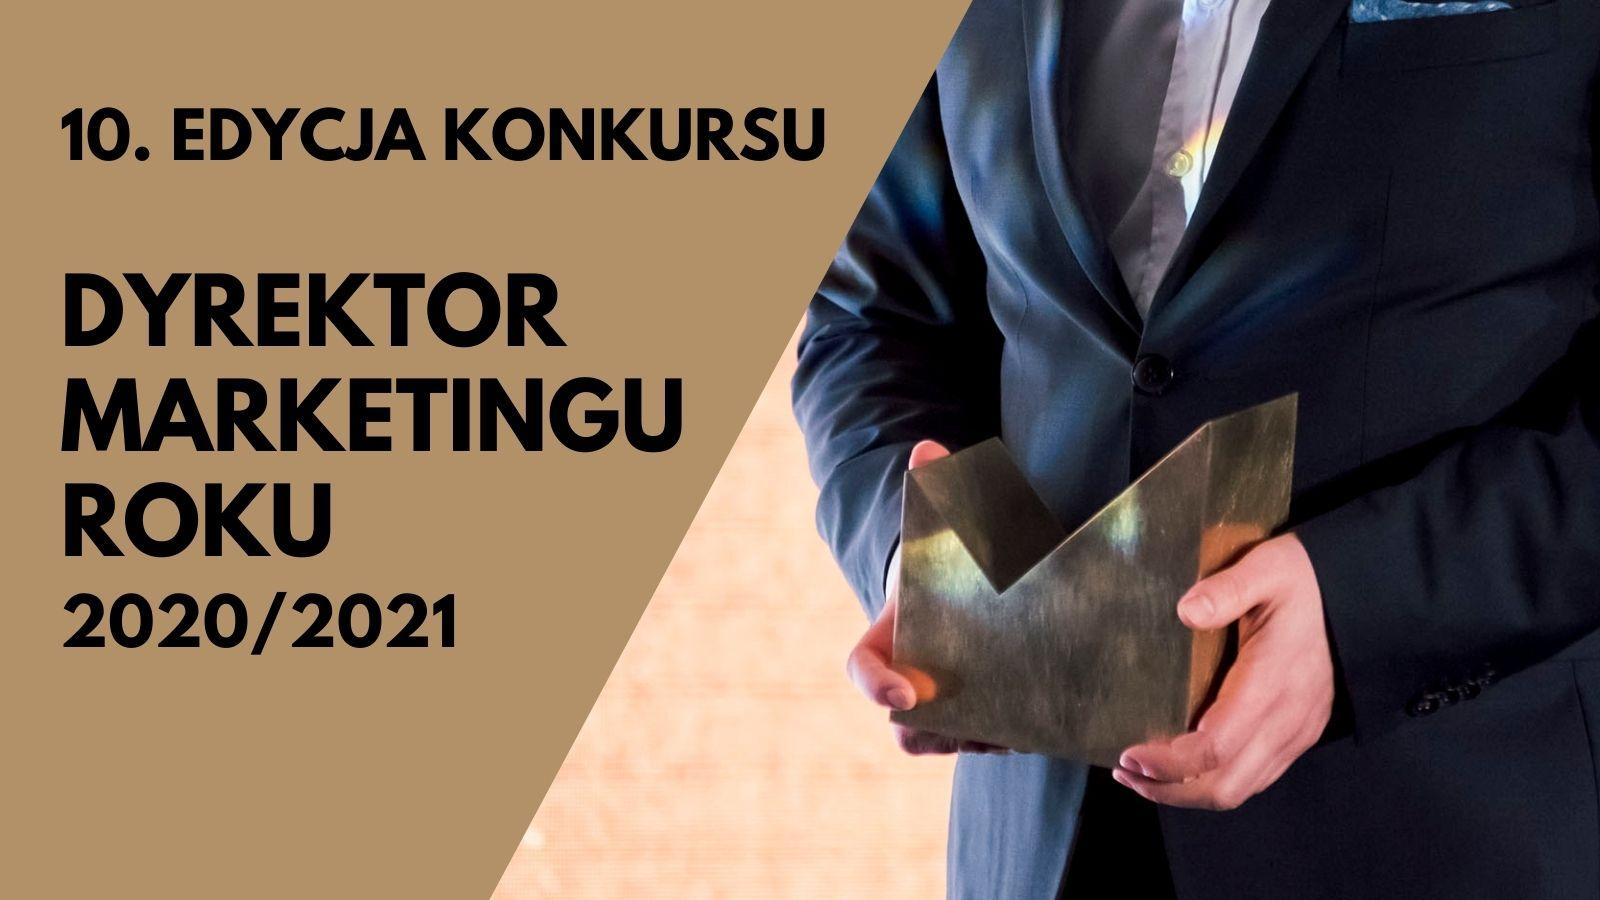 Po raz 10. poznamy najlepszych Dyrektorów Marketingu w Polsce! Dyrektor Marketingu Roku mediarun dmr